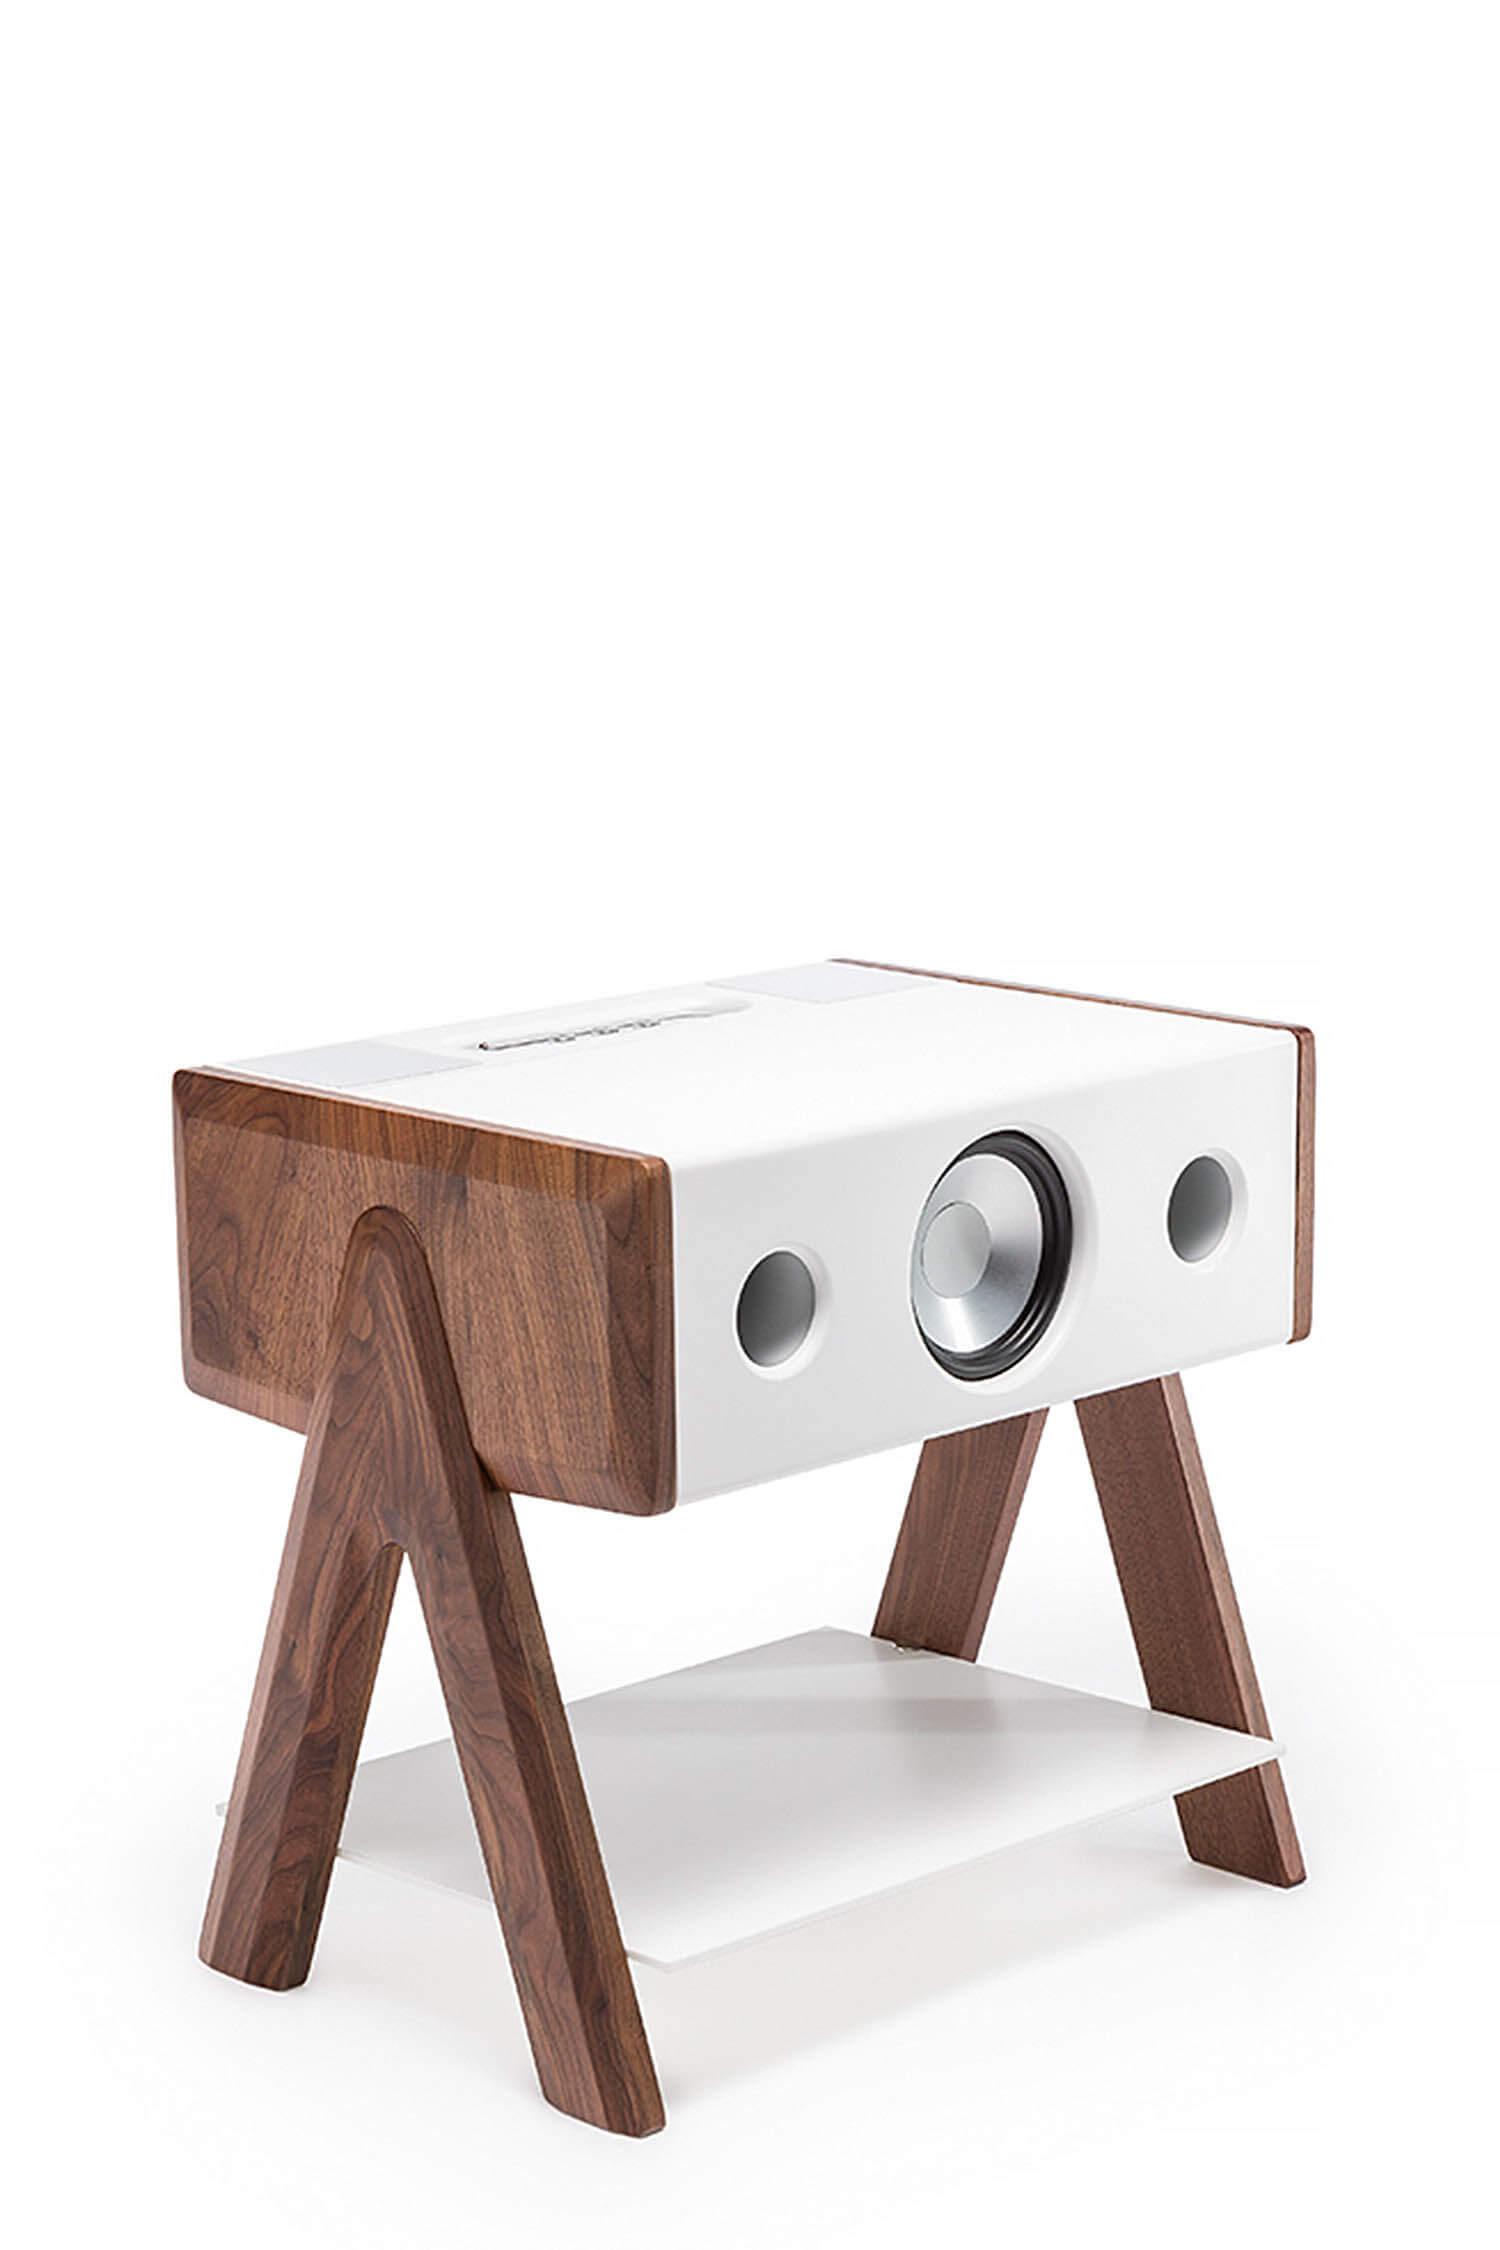 enceinte haute fid lit cube cs en corian et noyer la bo te concept. Black Bedroom Furniture Sets. Home Design Ideas